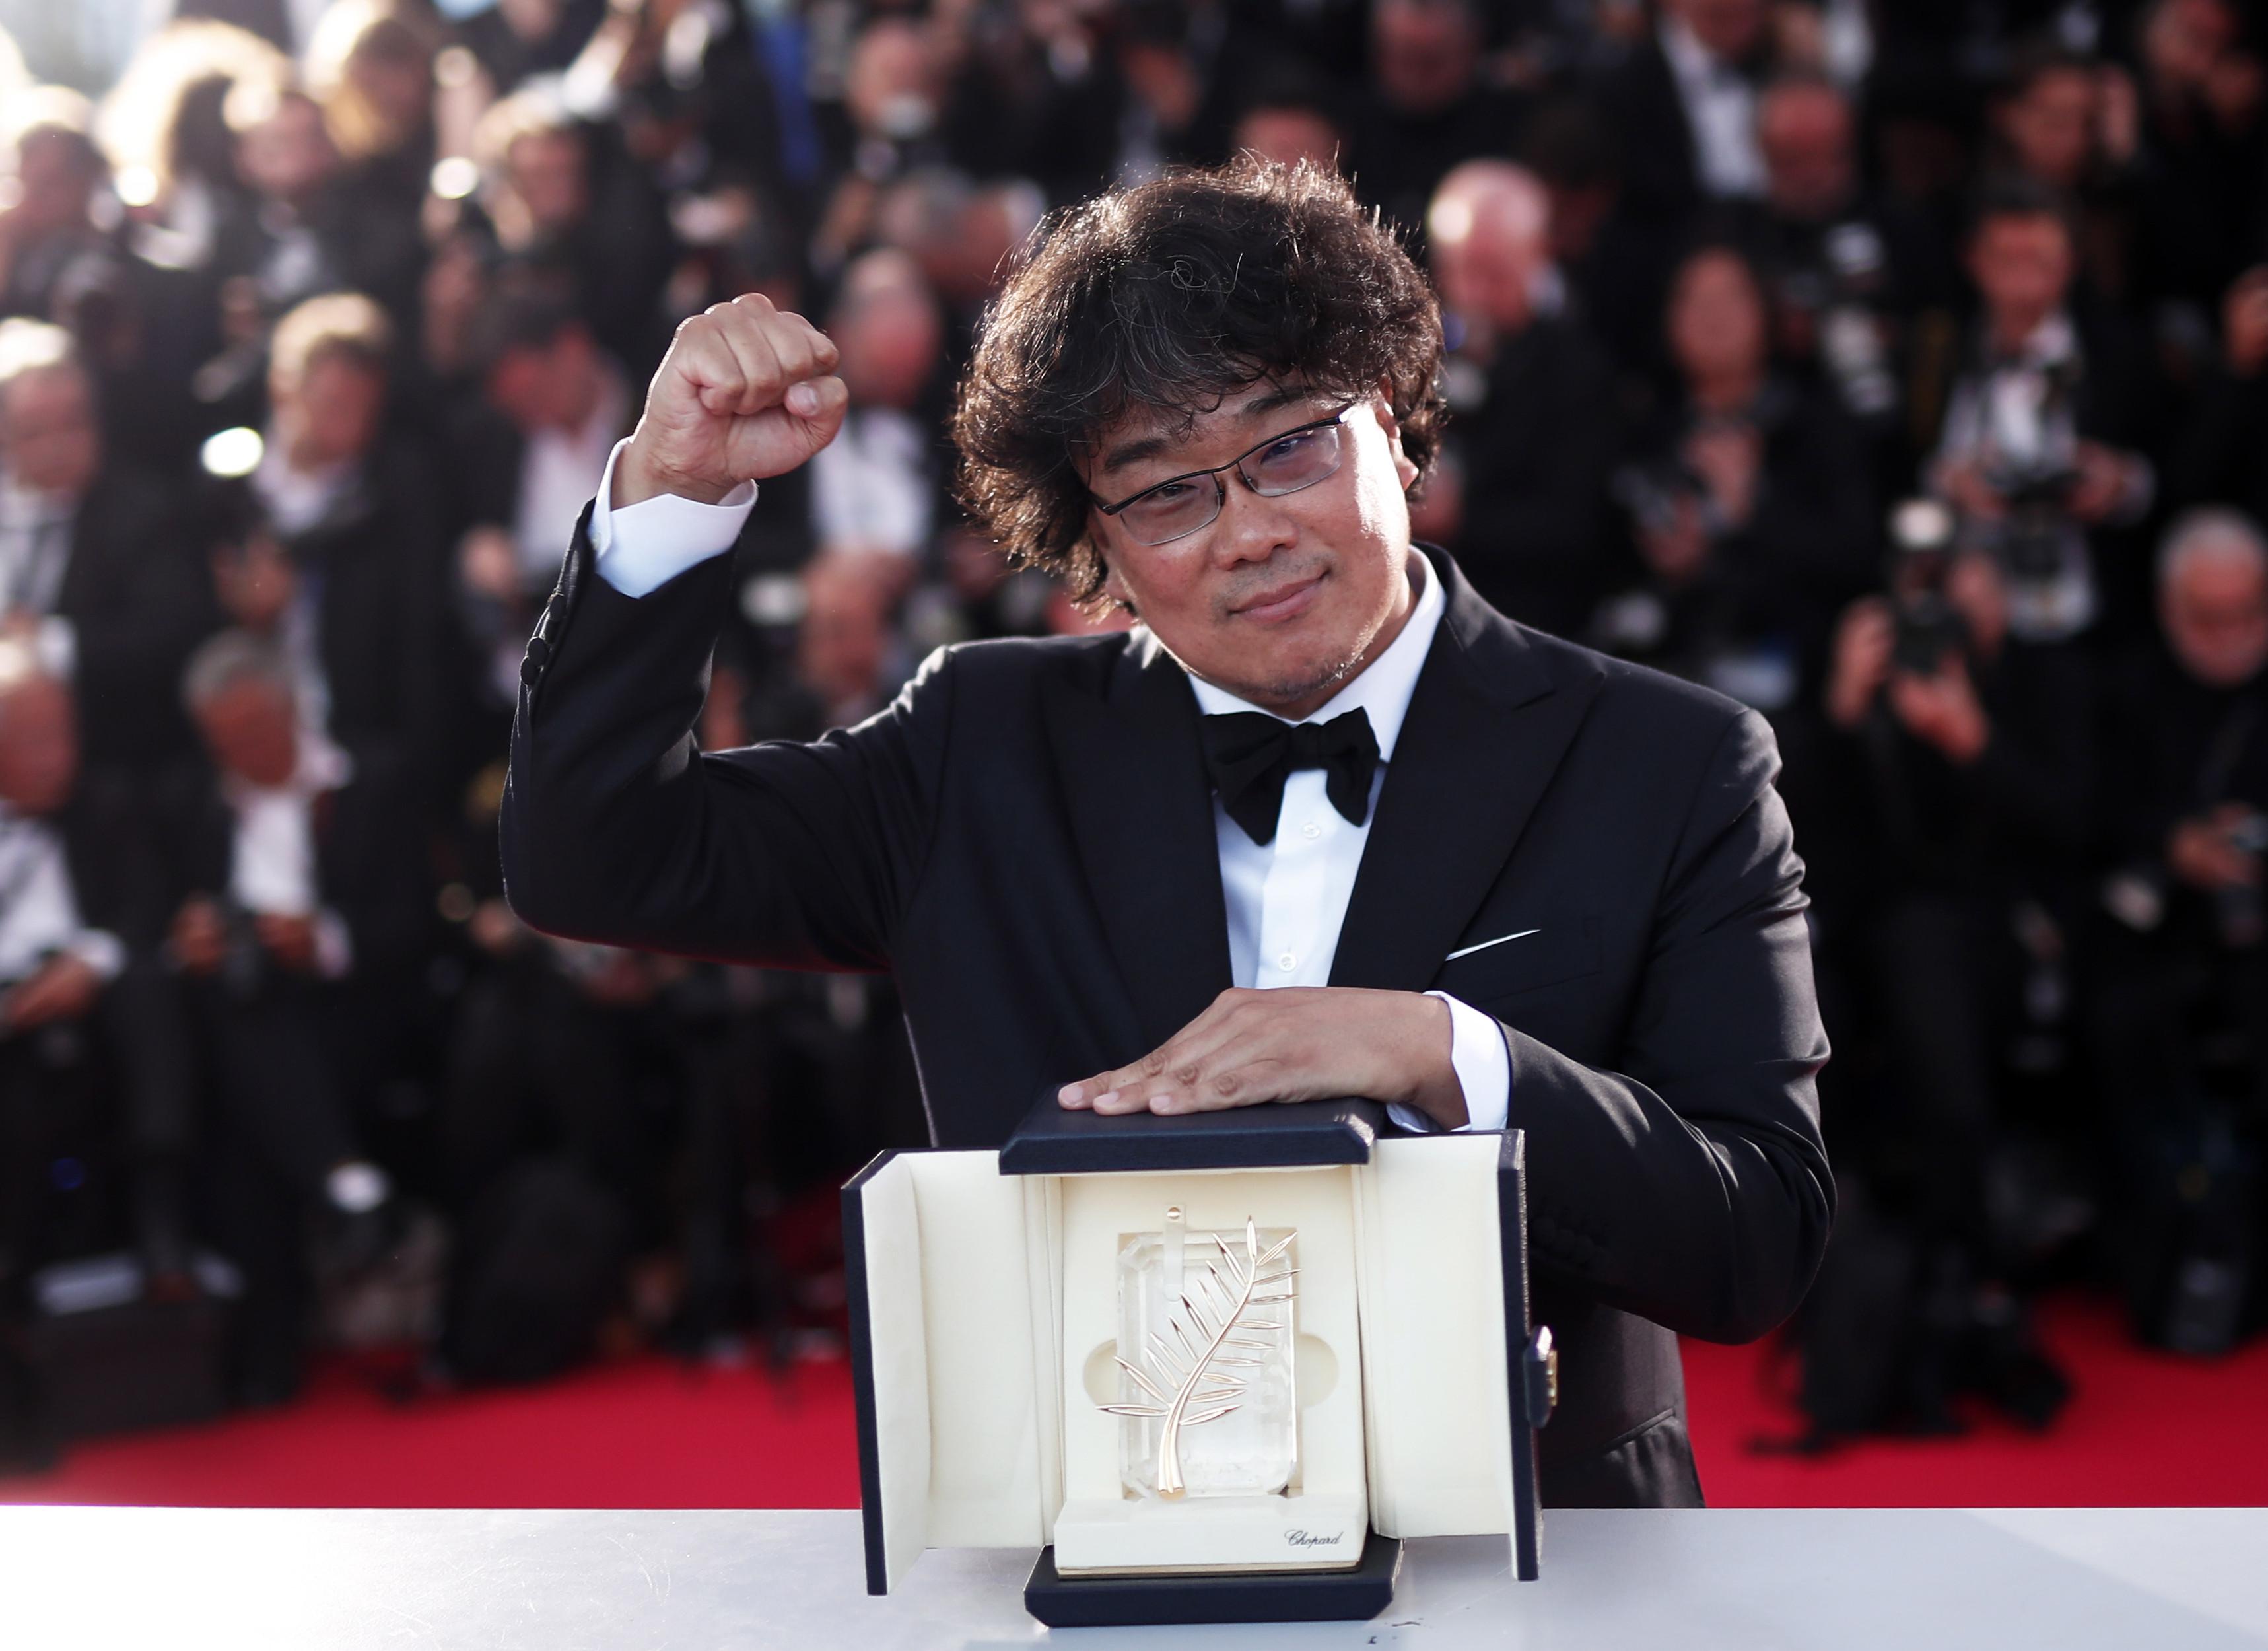 韩国总统祝贺《寄生虫》获戛纳金棕榈奖,向导演奉俊昊致以谢意